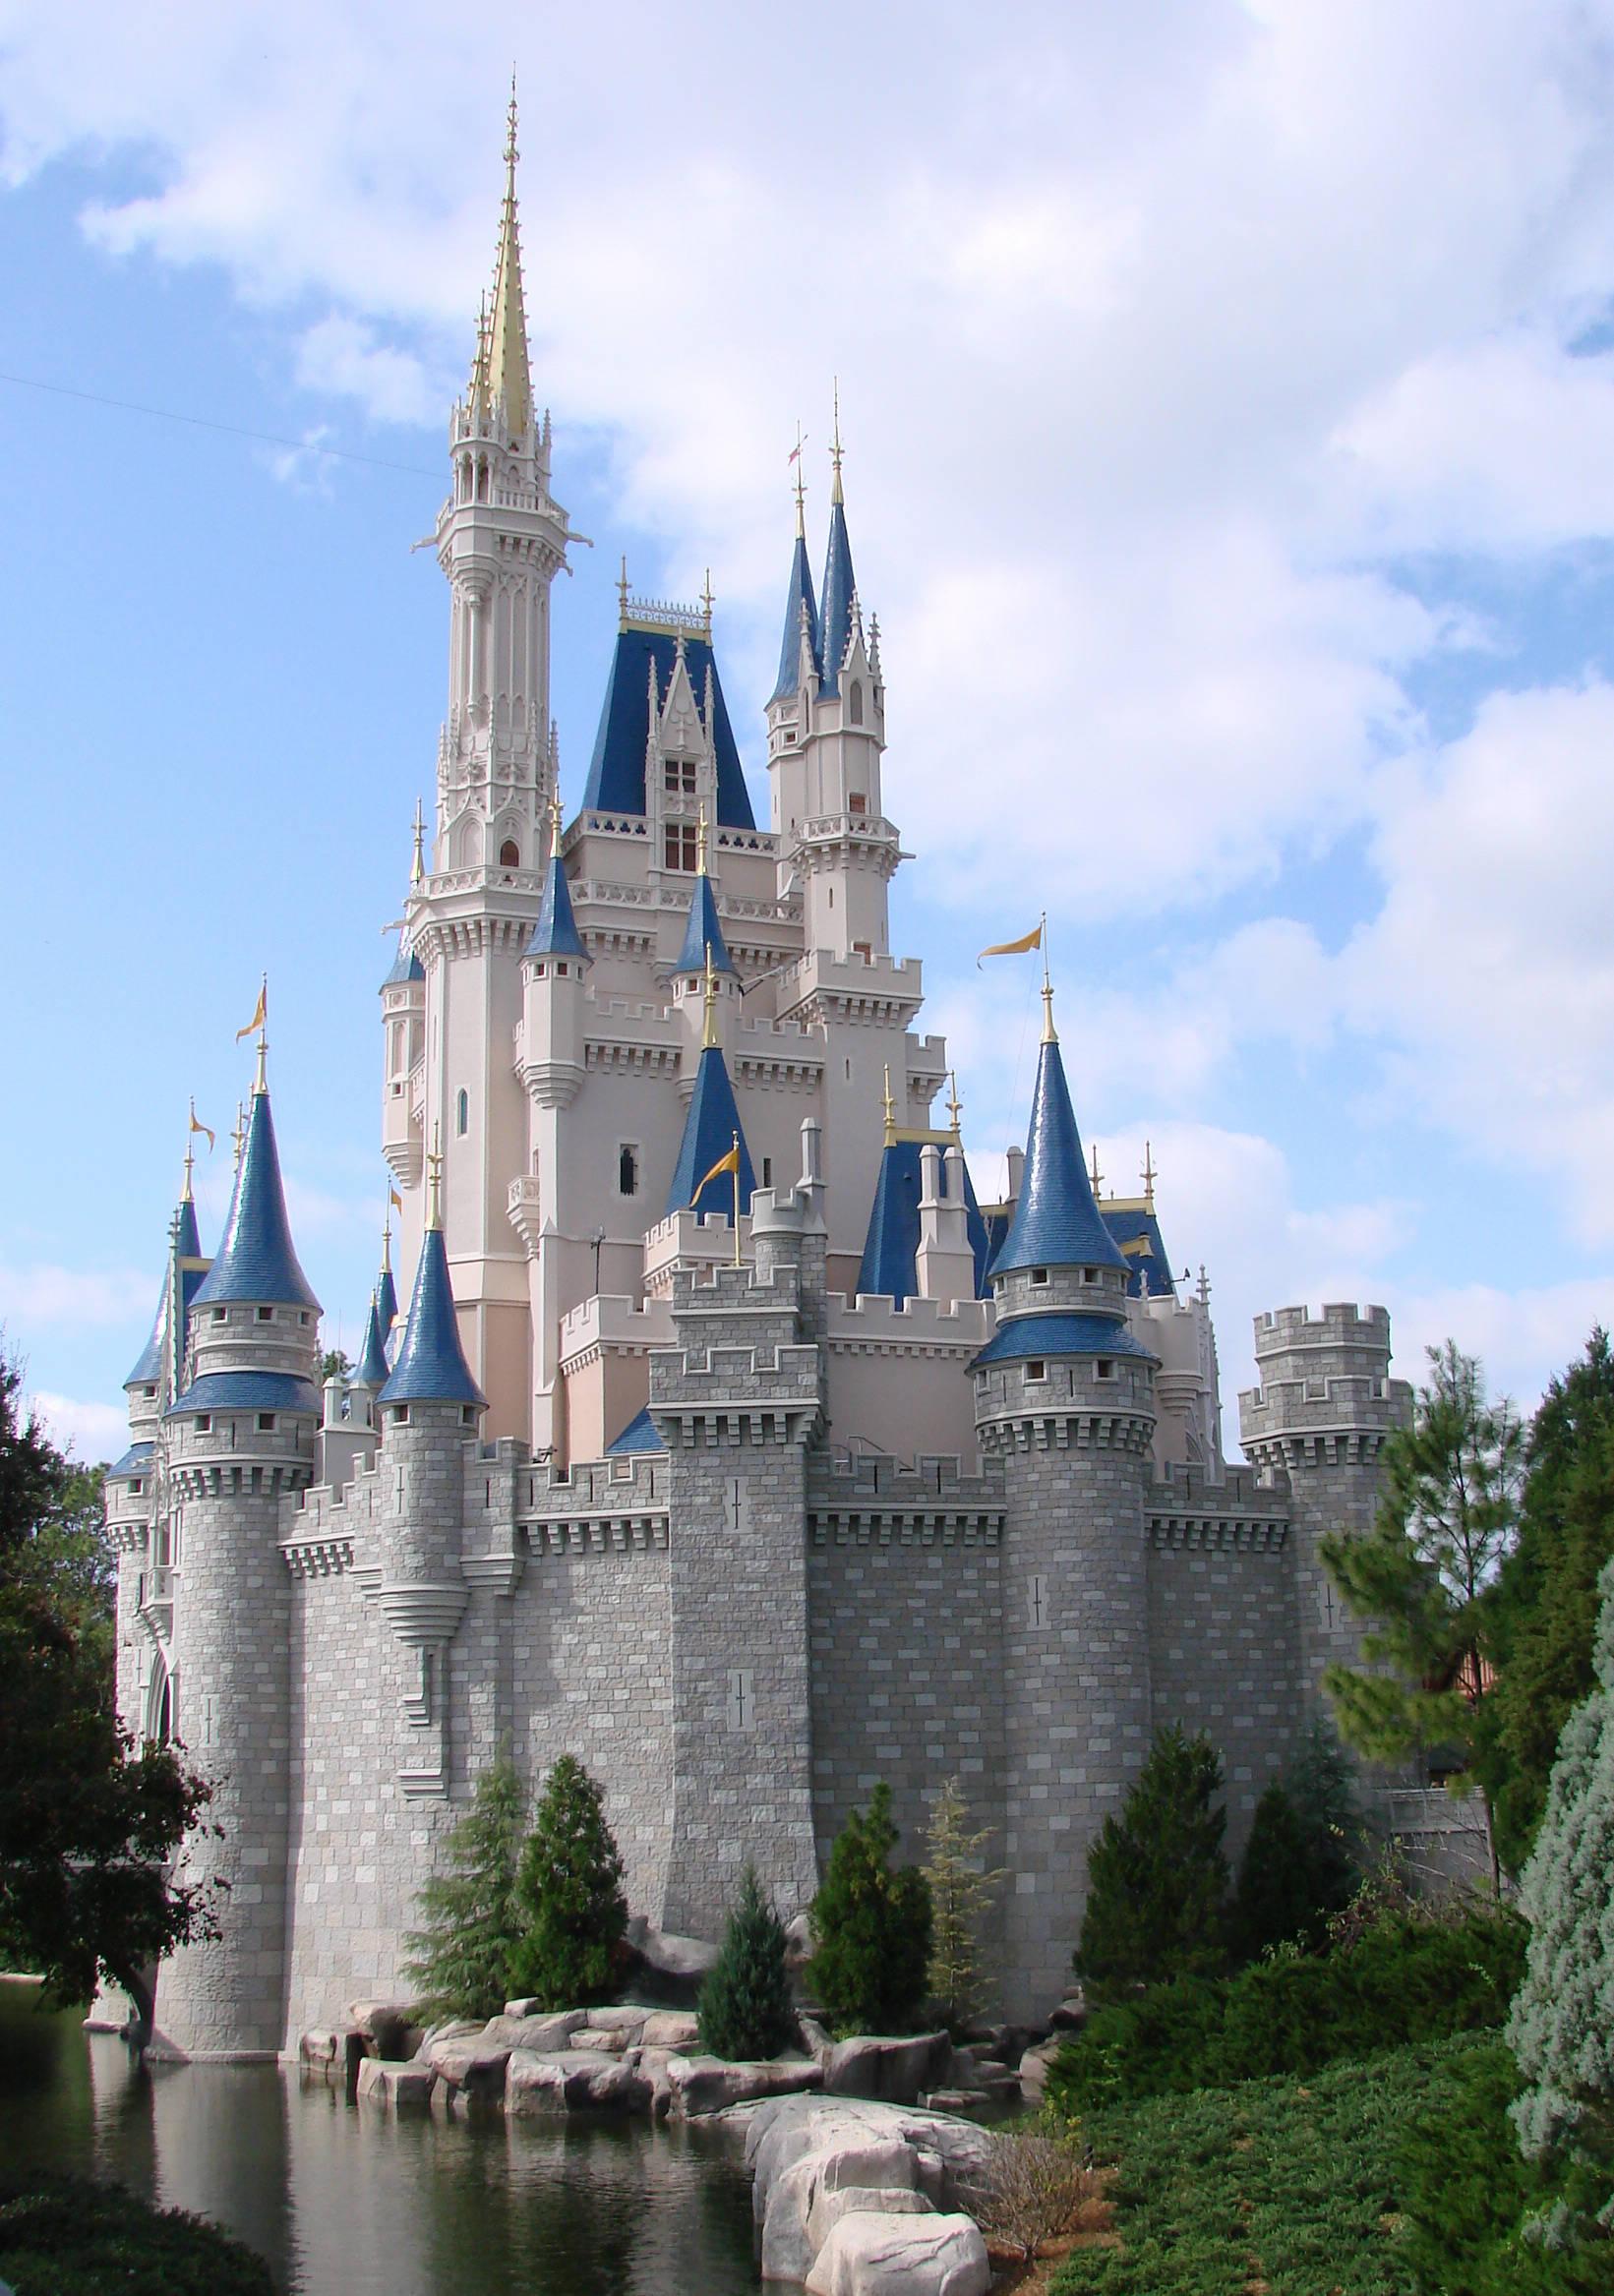 迪斯尼城堡迪斯尼城堡矢量图 迪斯尼城堡简笔画1图片